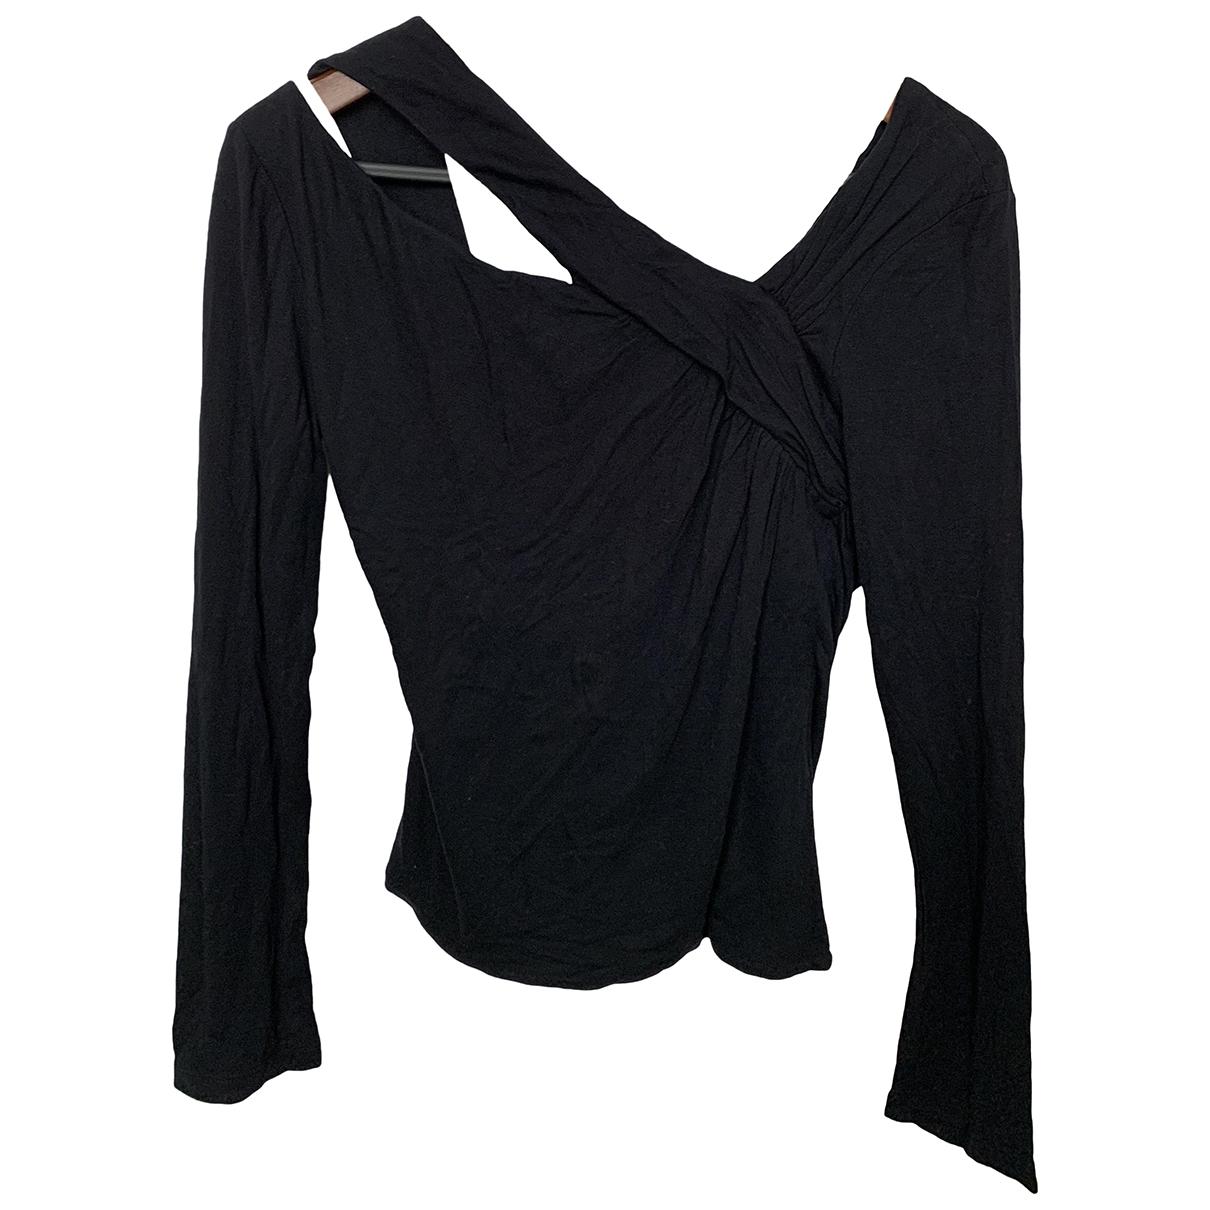 Gianni Versace - Top   pour femme - noir